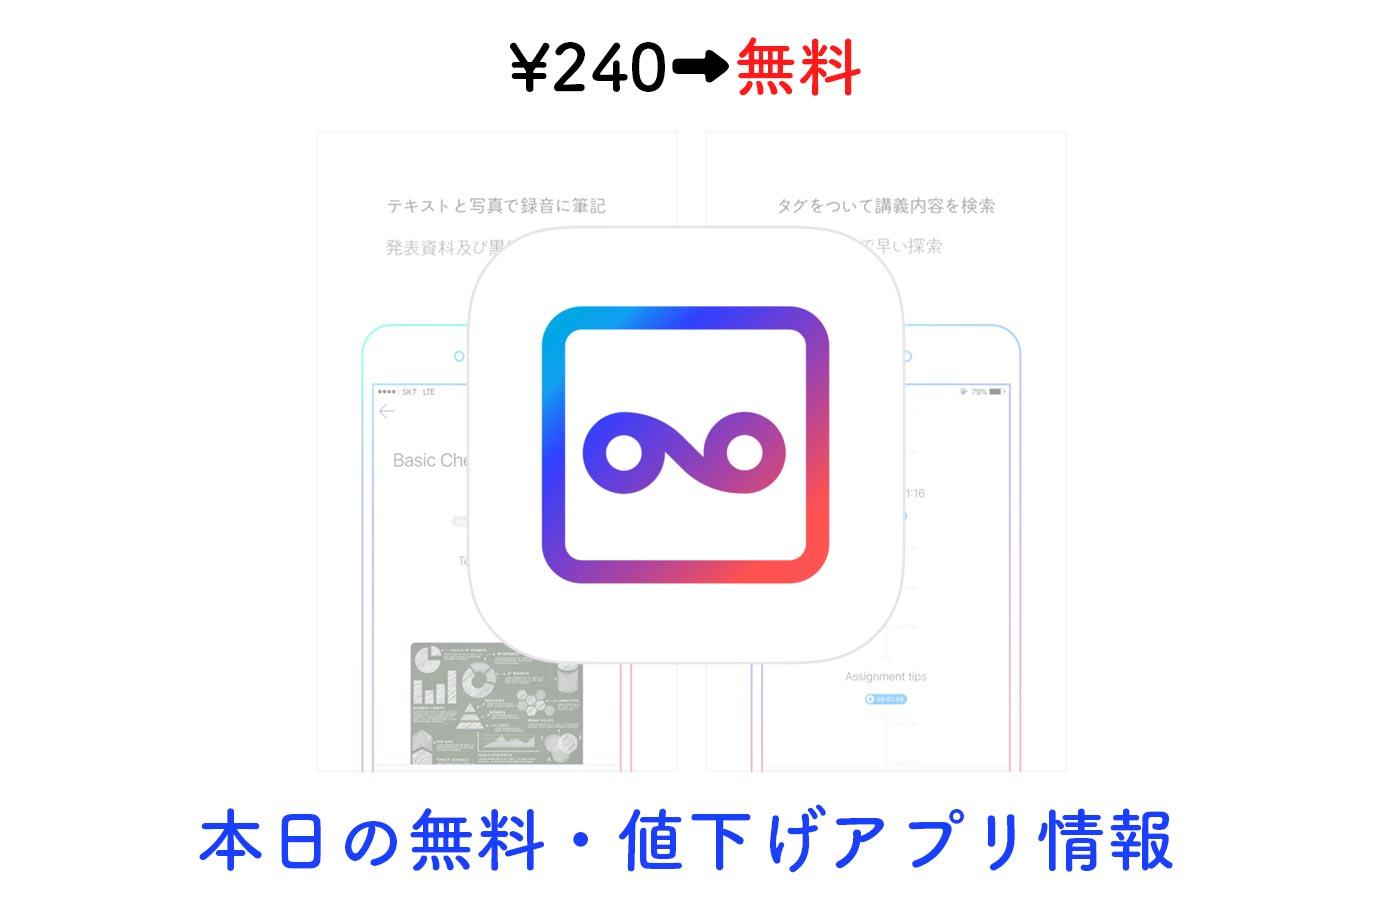 ¥240→無料、写真添付やタグ付けもできるボイスレコーダー「VONO」など【10/15】本日の無料・値下げアプリ情報